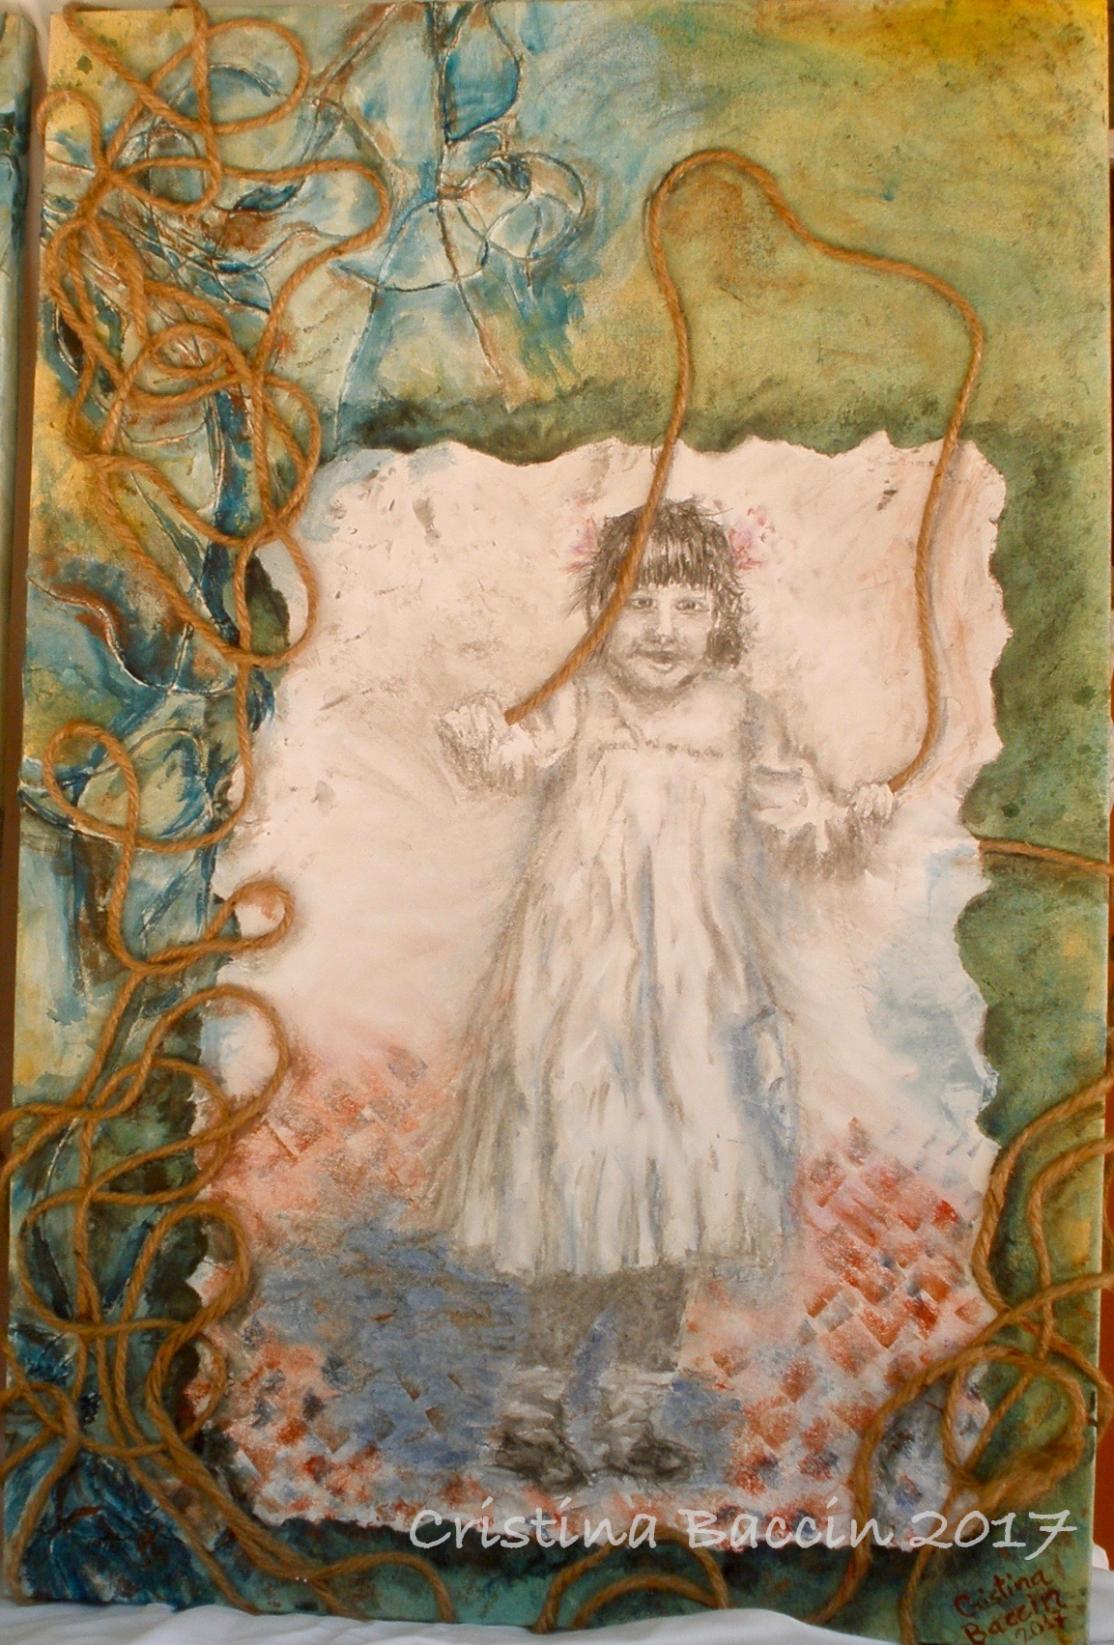 La soga - The rope (by Cristina Baccin)